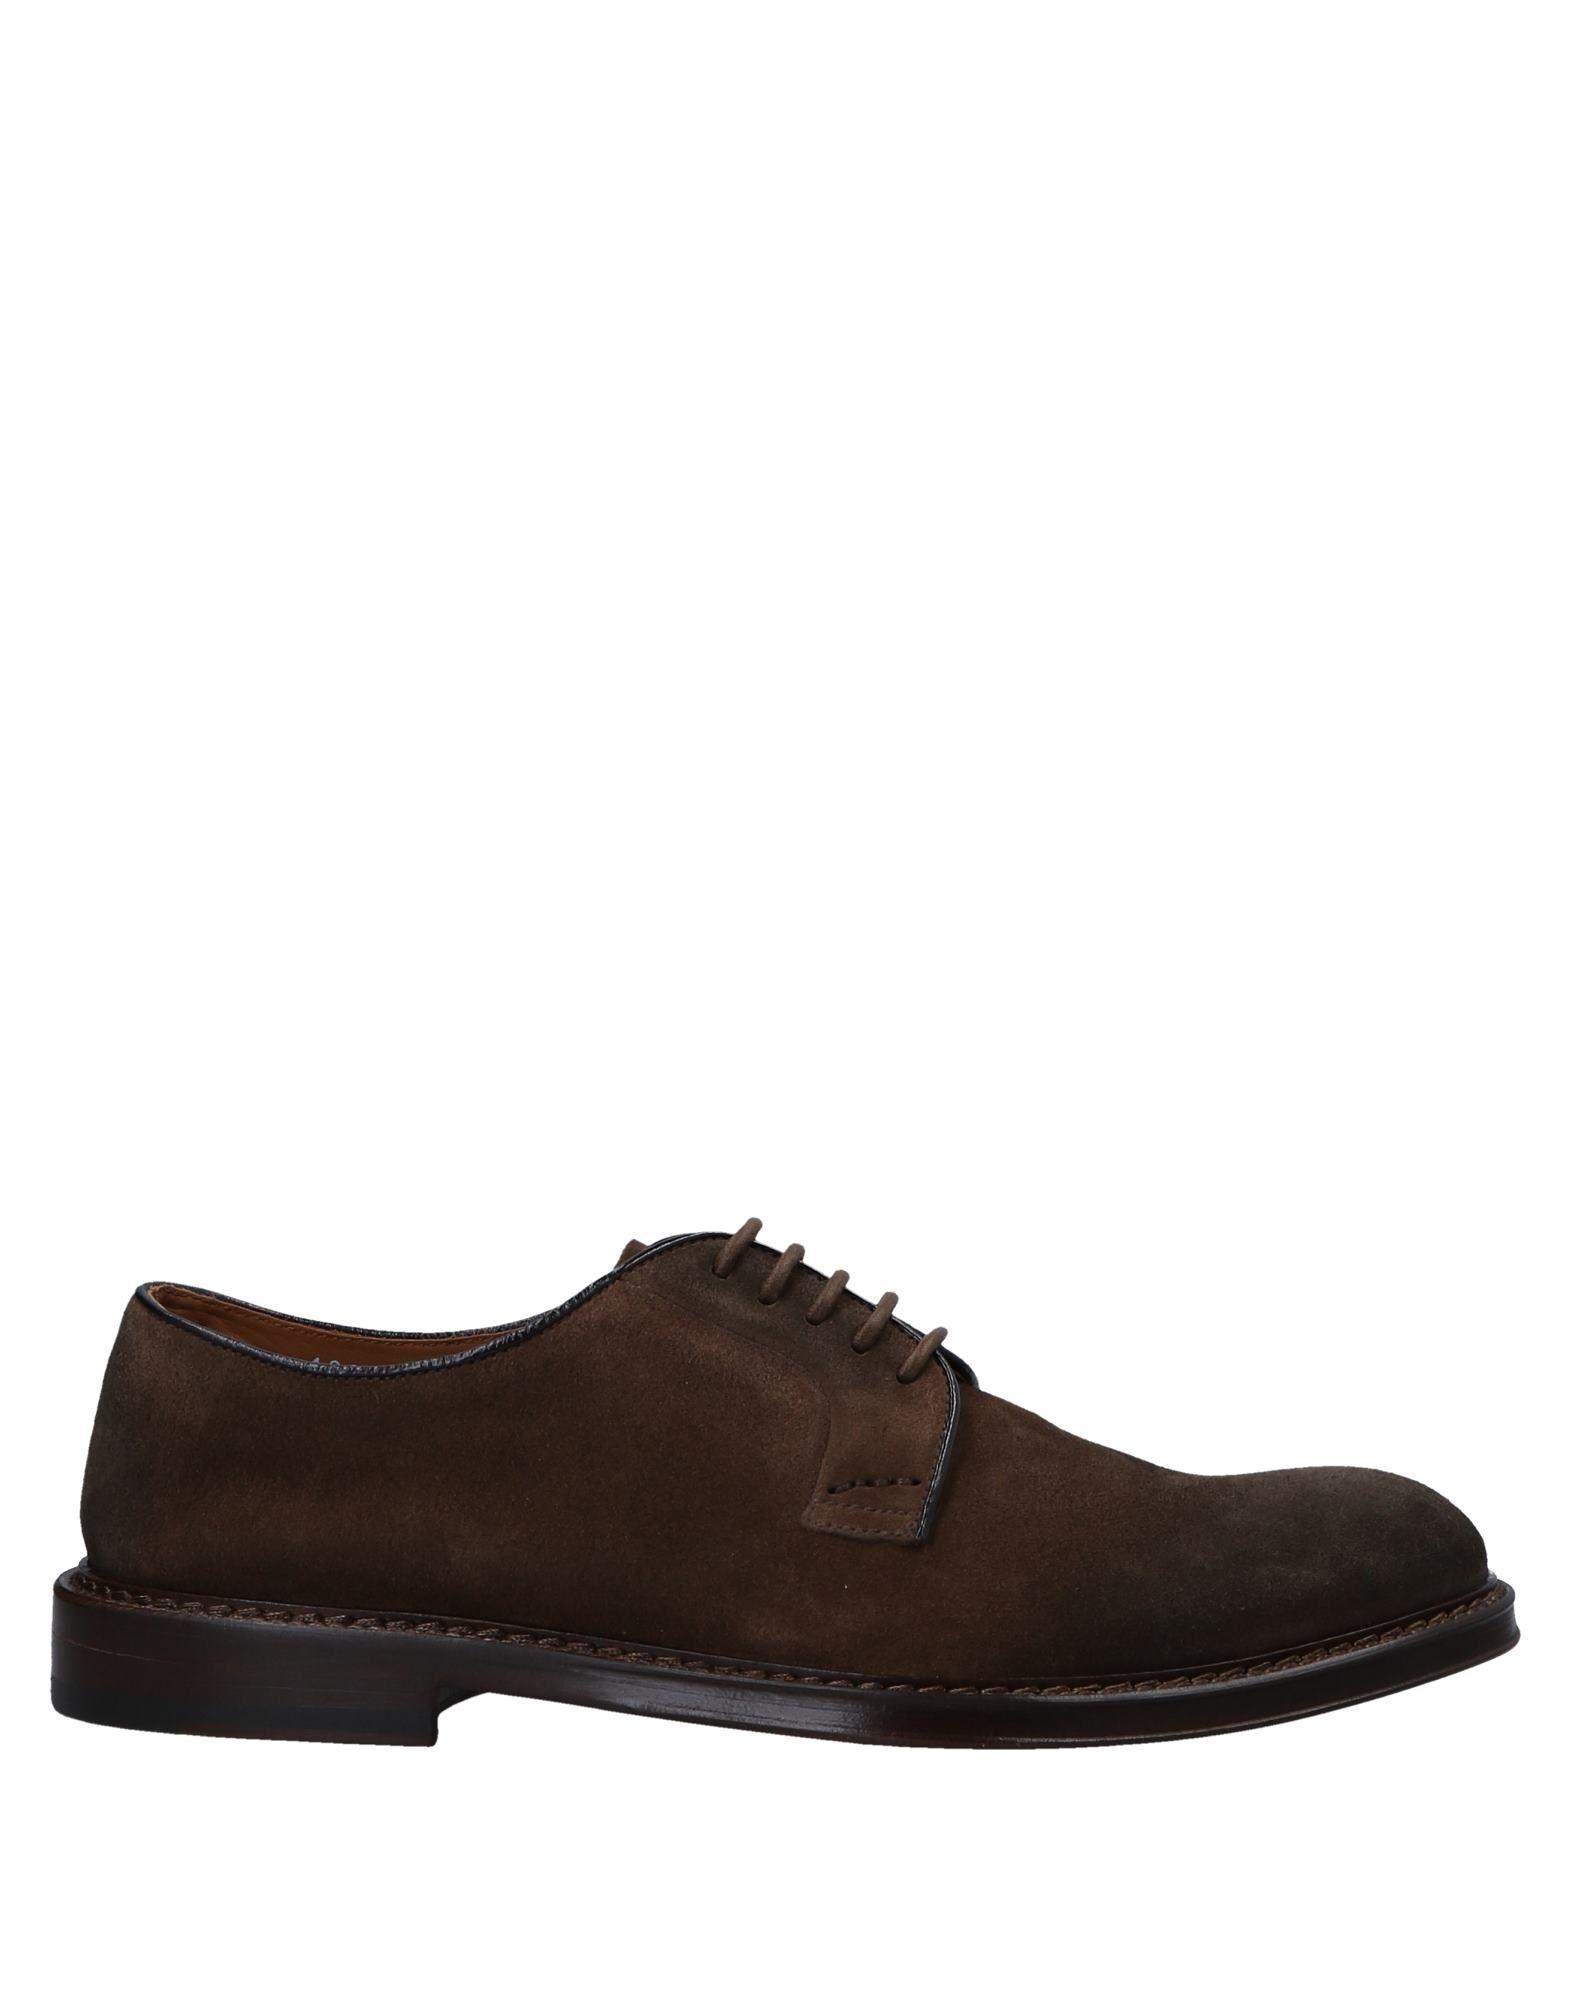 Doucal's Schnürschuhe Herren  11551305LS Gute Qualität beliebte Schuhe